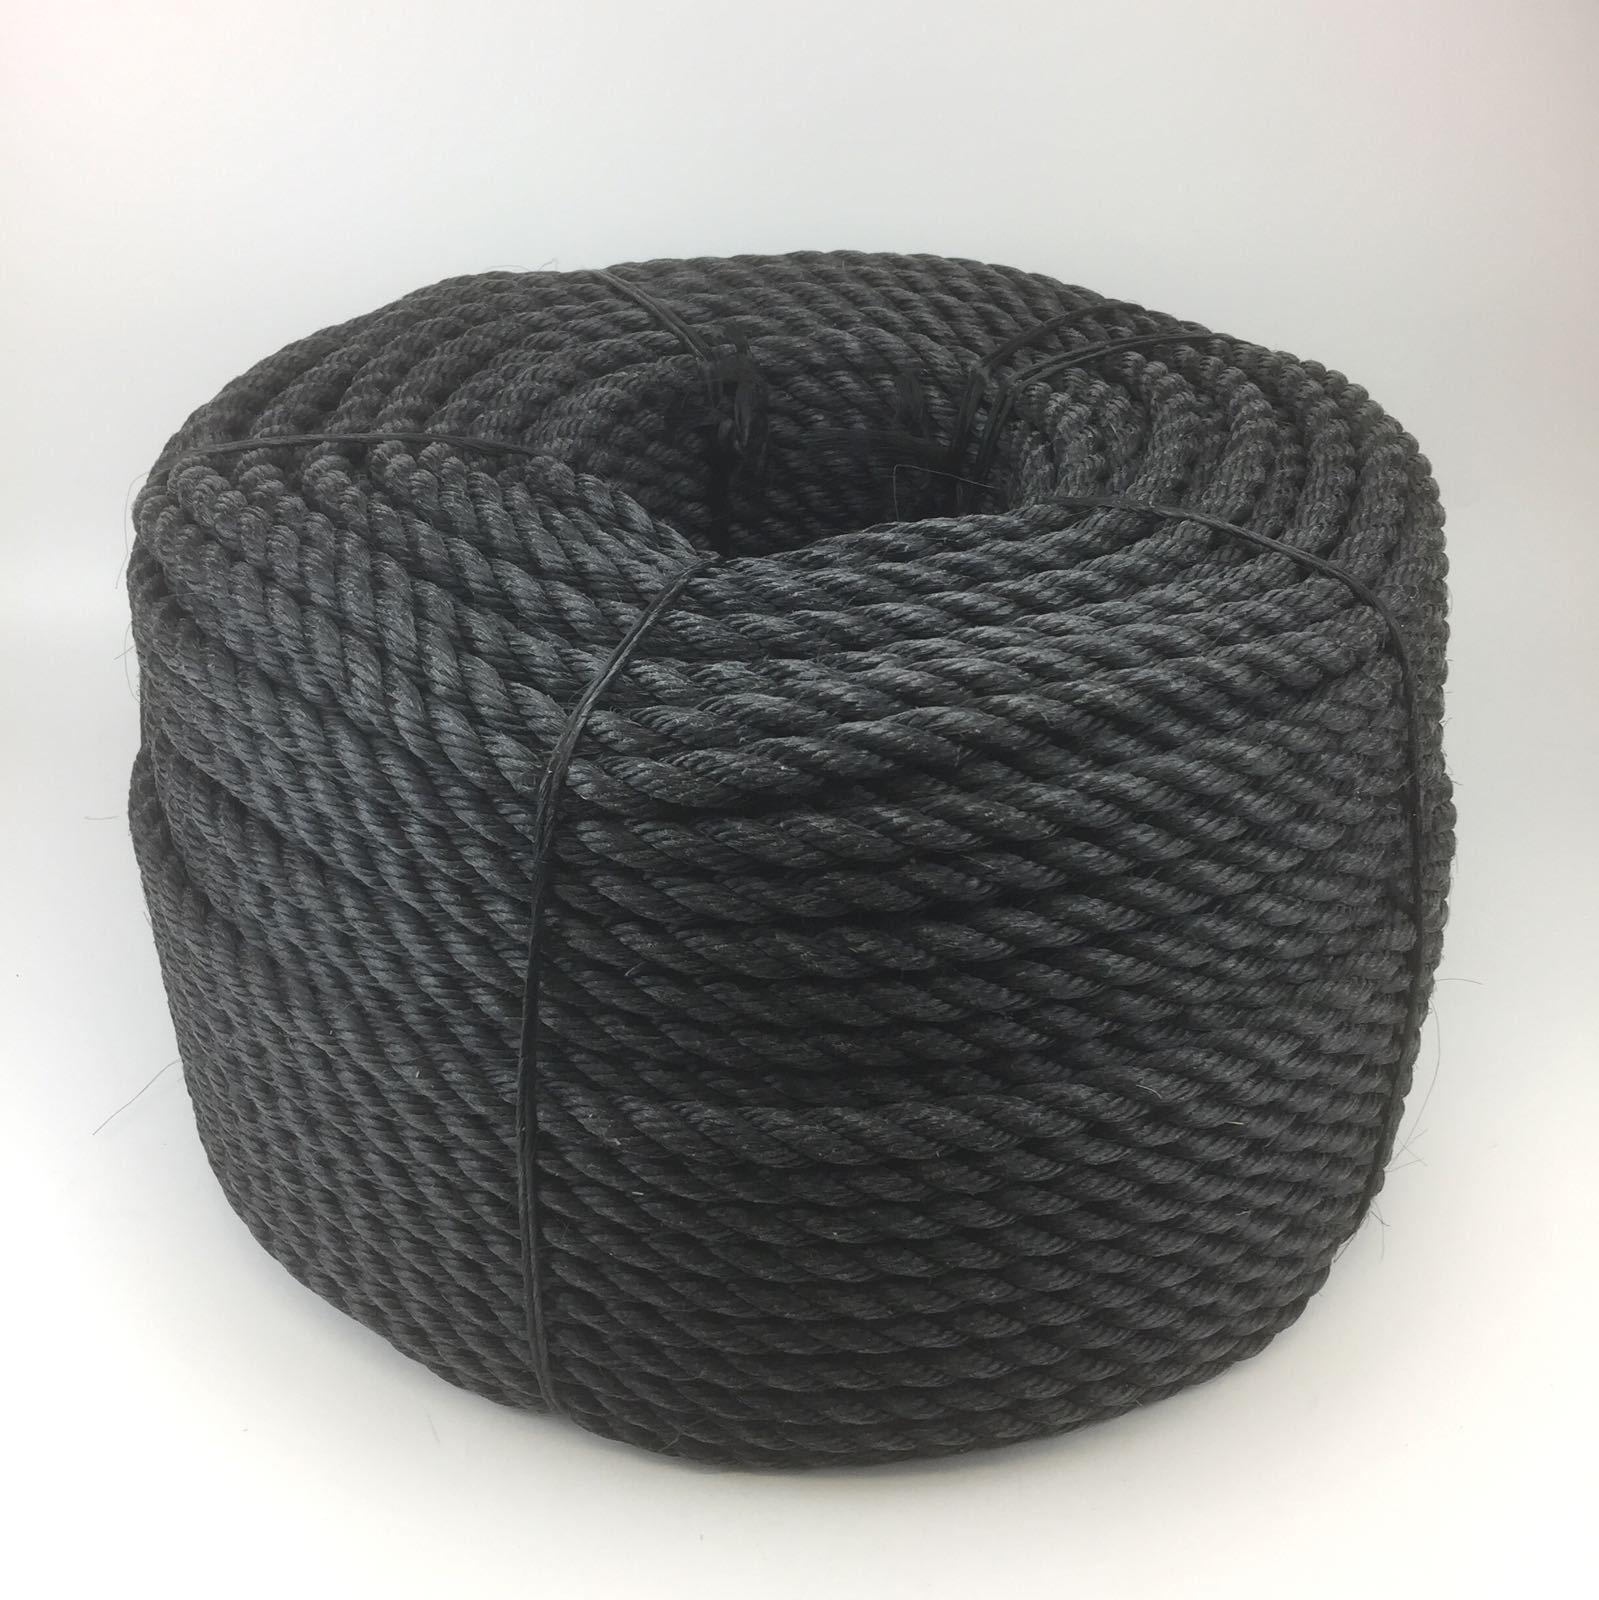 10mm Negro Hilado Hilado Hilado descontinuo Cuerda x 220m BOBINA, barco Ancla amarre andamios af8158